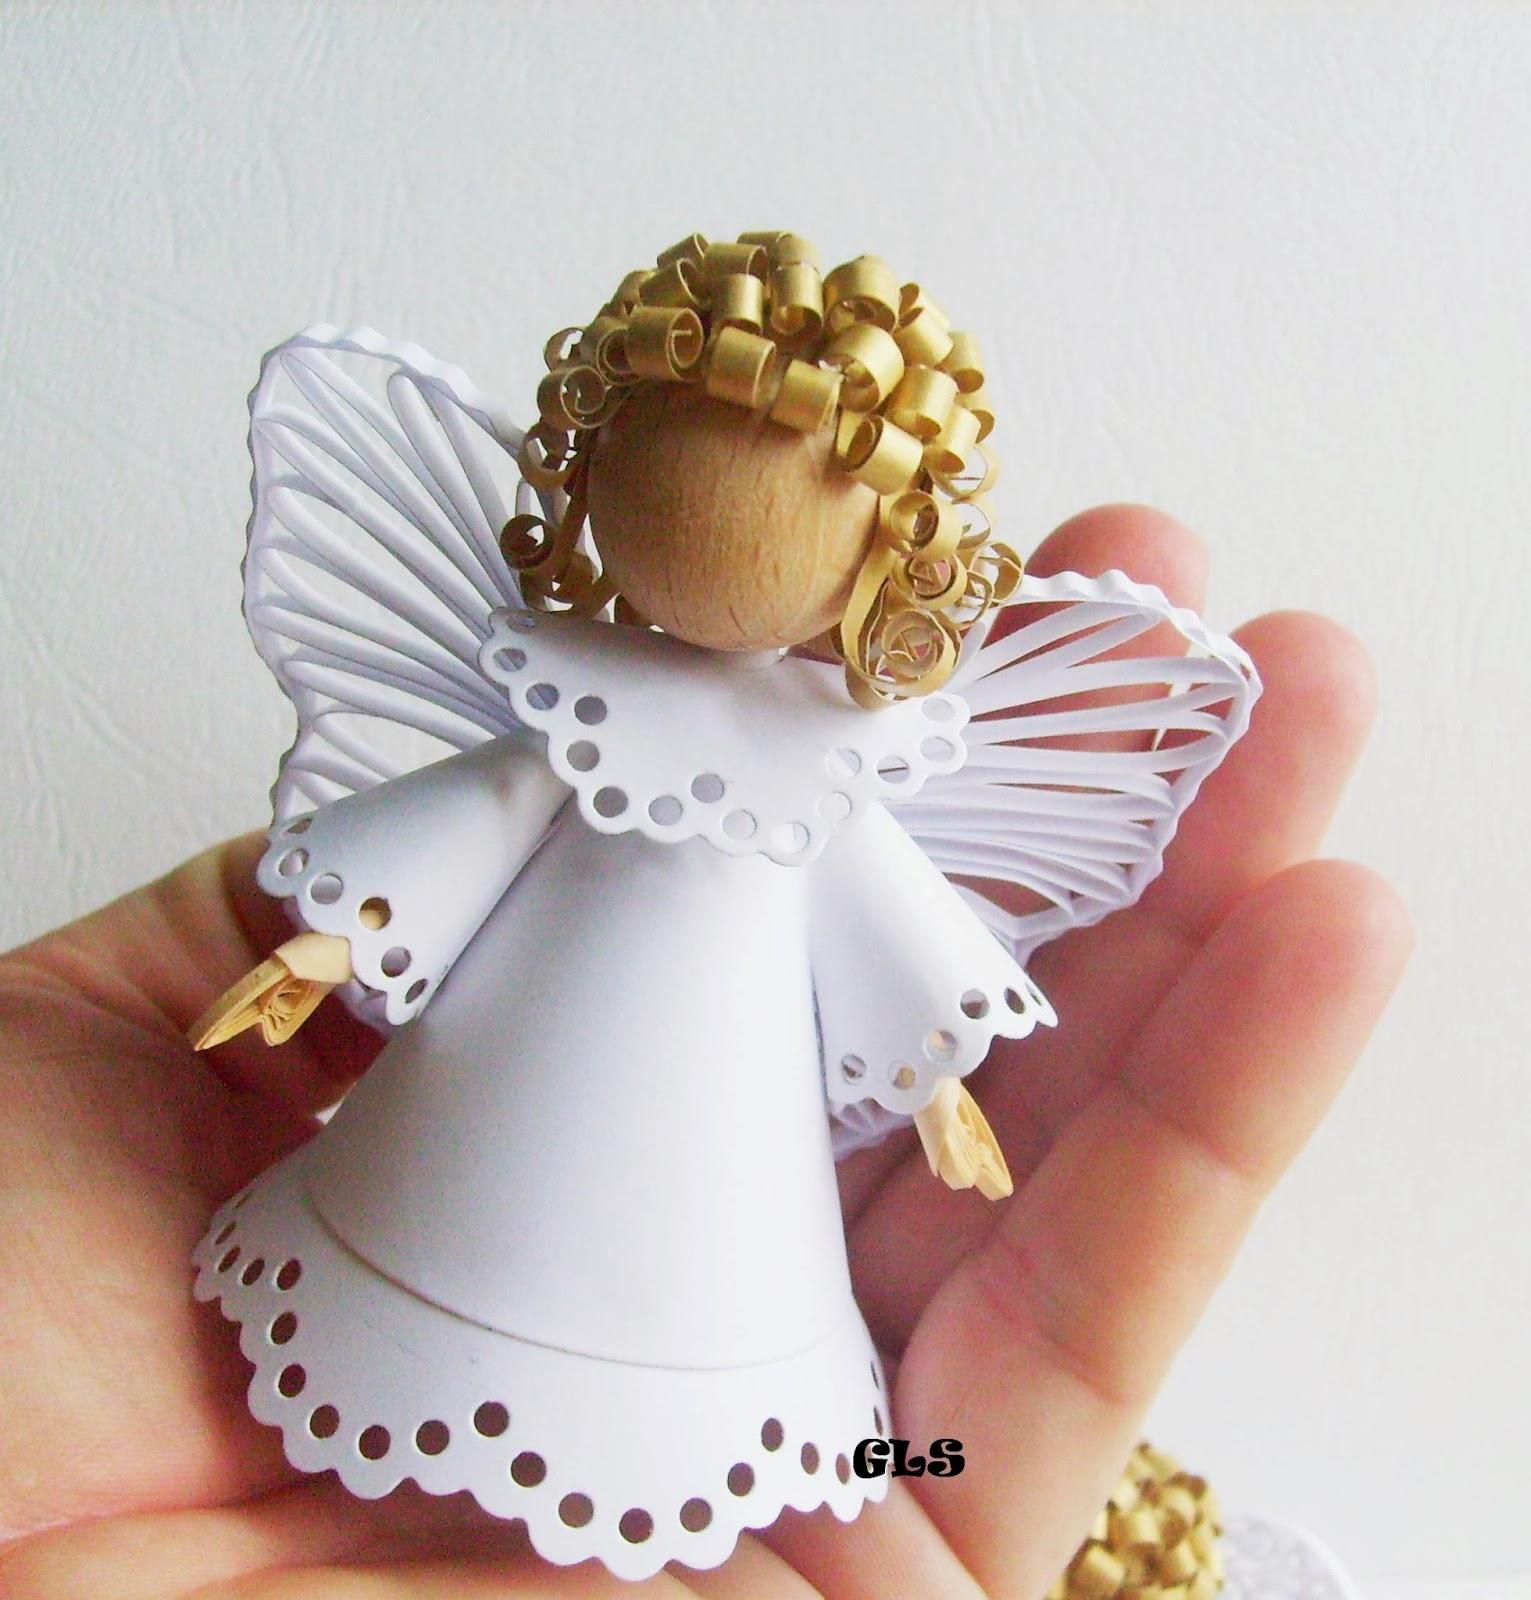 Изготовление ангелов своими руками